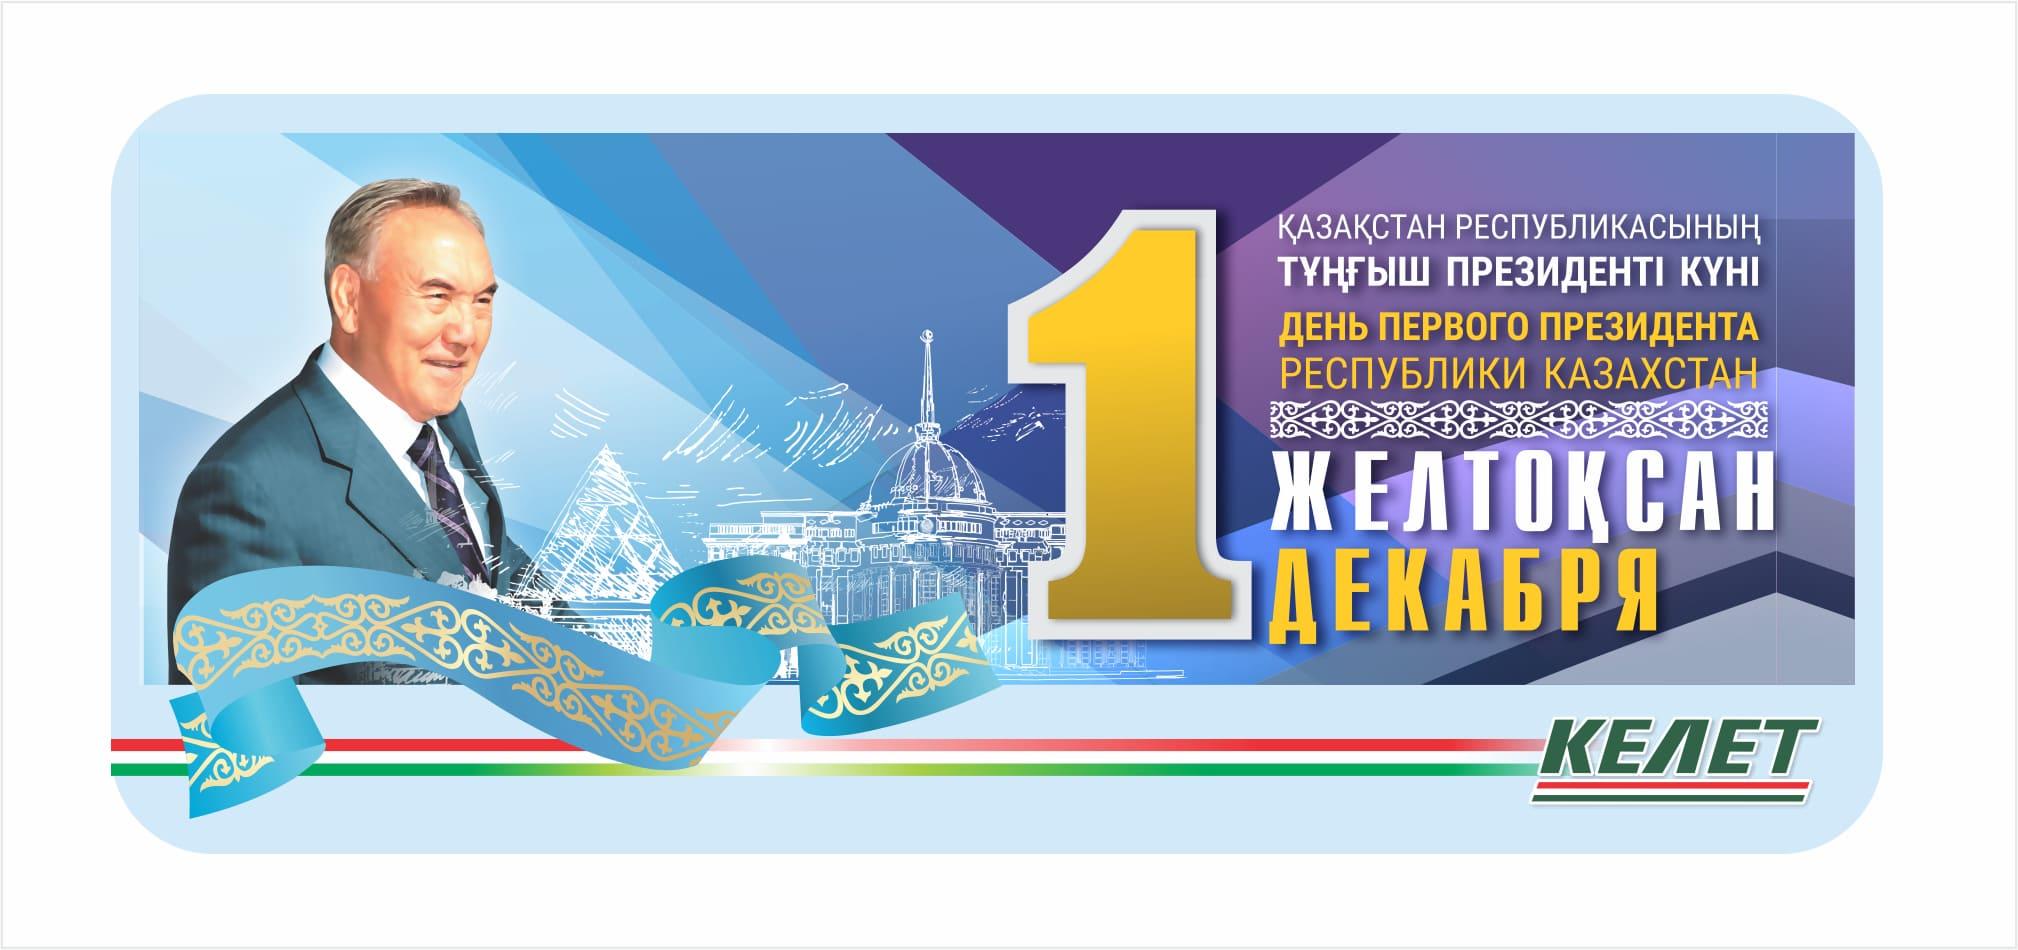 Поздравление с днем первого президента казахстана